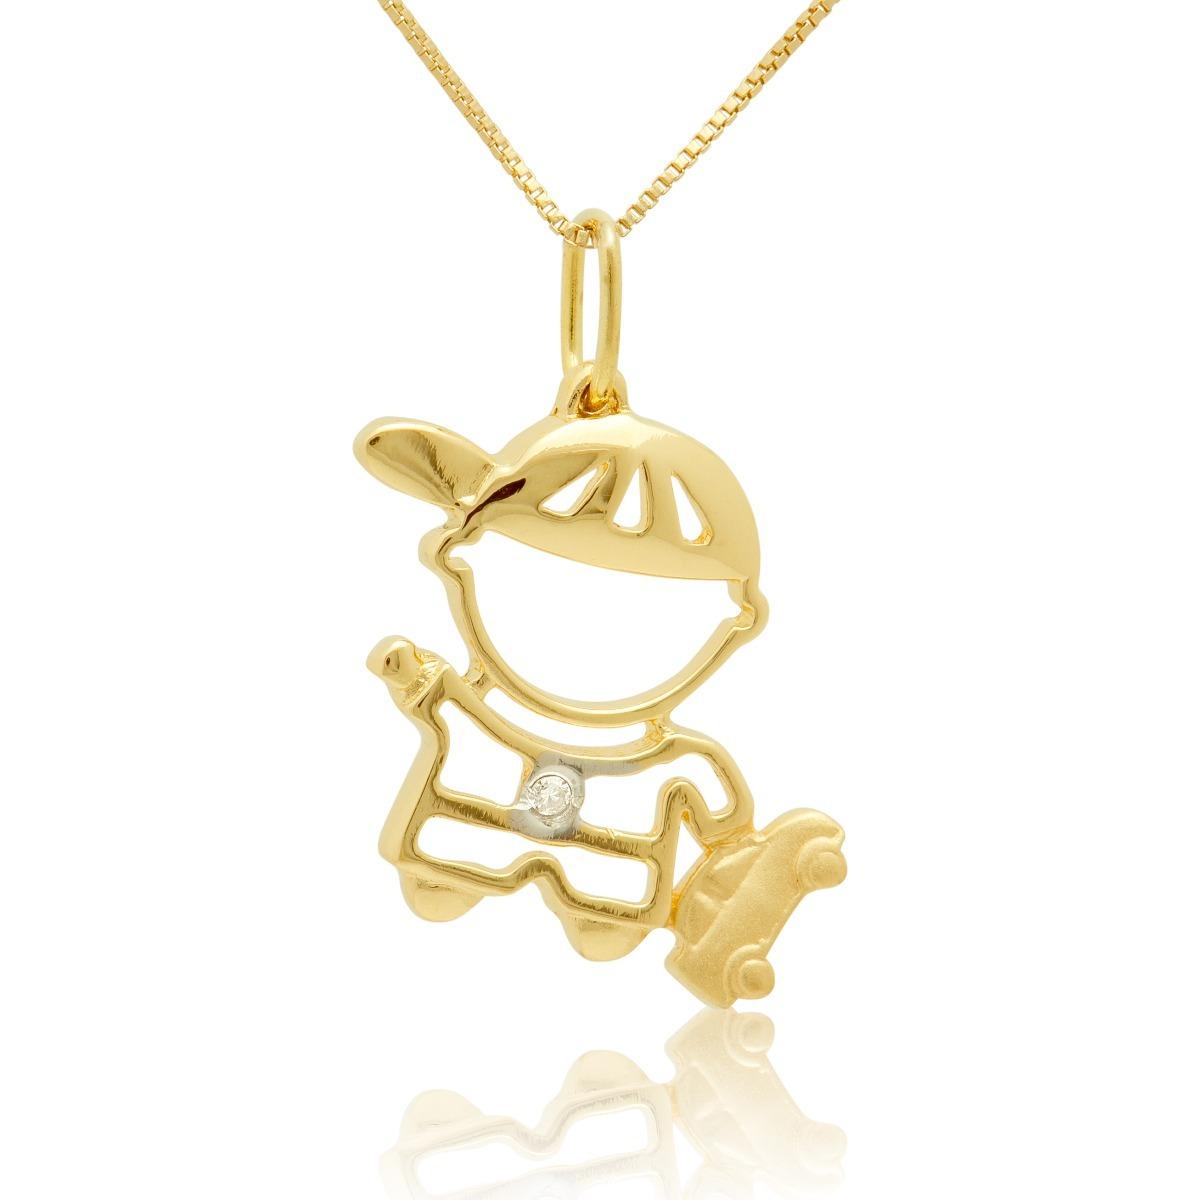 6d12075416ae3 Pingente Menino Carro Com Diamantes Em Ouro Amarelo - R  375,00 em ...